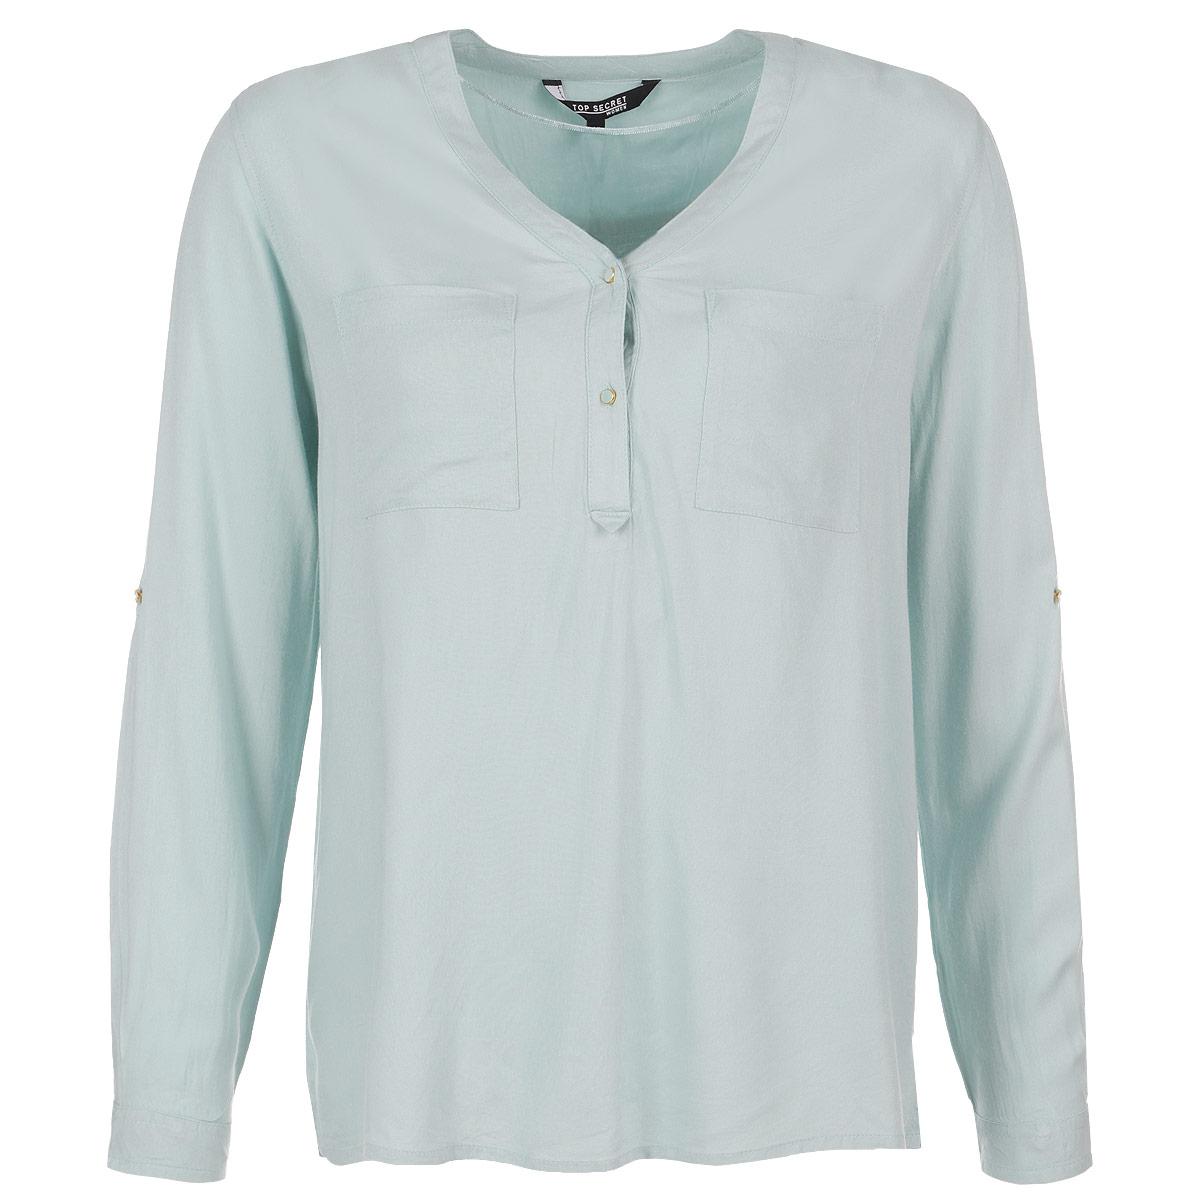 Блузка женская. SKL1741ZISKL1741ZIСтильная женская блуза Top Secret, выполненная из высококачественного материала, обладает высокой теплопроводностью, воздухопроницаемостью и гигроскопичностью, позволяет коже дышать, тем самым обеспечивая наибольший комфорт при носке. Блуза прямого кроя с длинными рукавами, и V-образным воротником застегивается на две золотистые пуговицы. Однотонная блуза дополнена двумя нагрудными карманами. Такая блузка будет дарить вам комфорт в течение всего дня и послужит замечательным дополнением к вашему гардеробу.